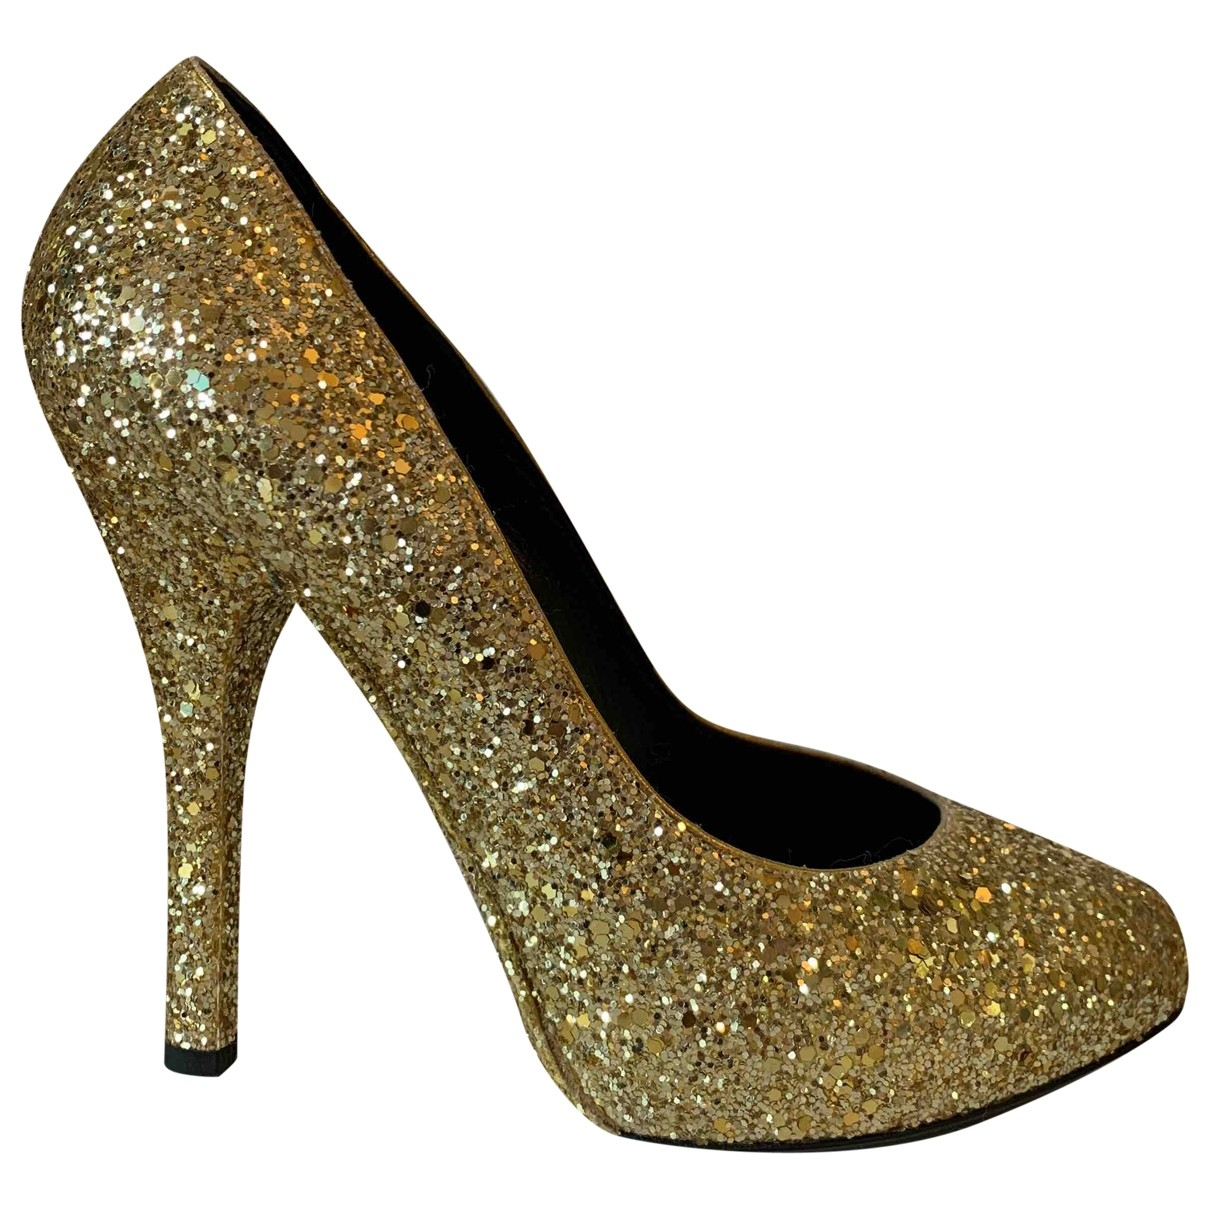 Dolce & Gabbana - Escarpins   pour femme en a paillettes - dore